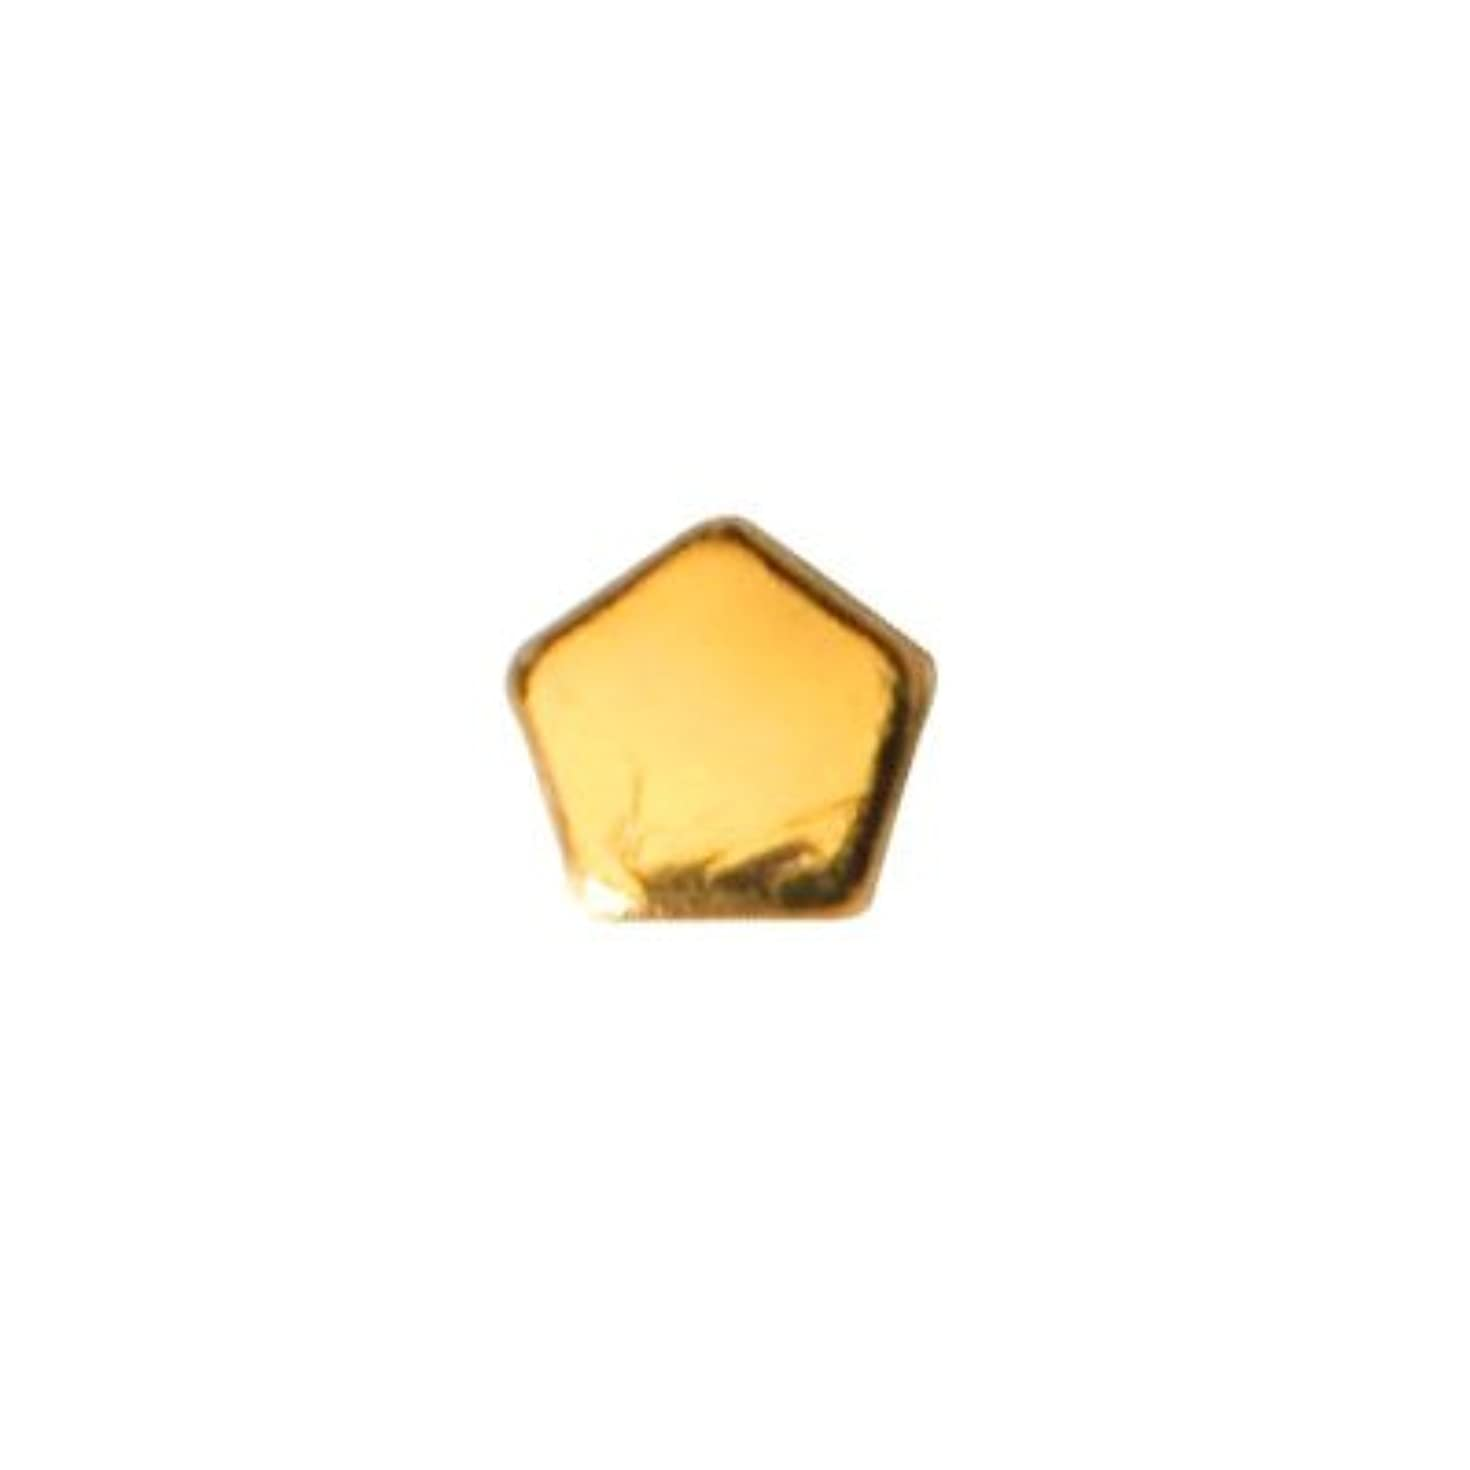 写真スマッシュ先のことを考えるピアドラ スタッズ ペンタゴン 2mm 50P ゴールド